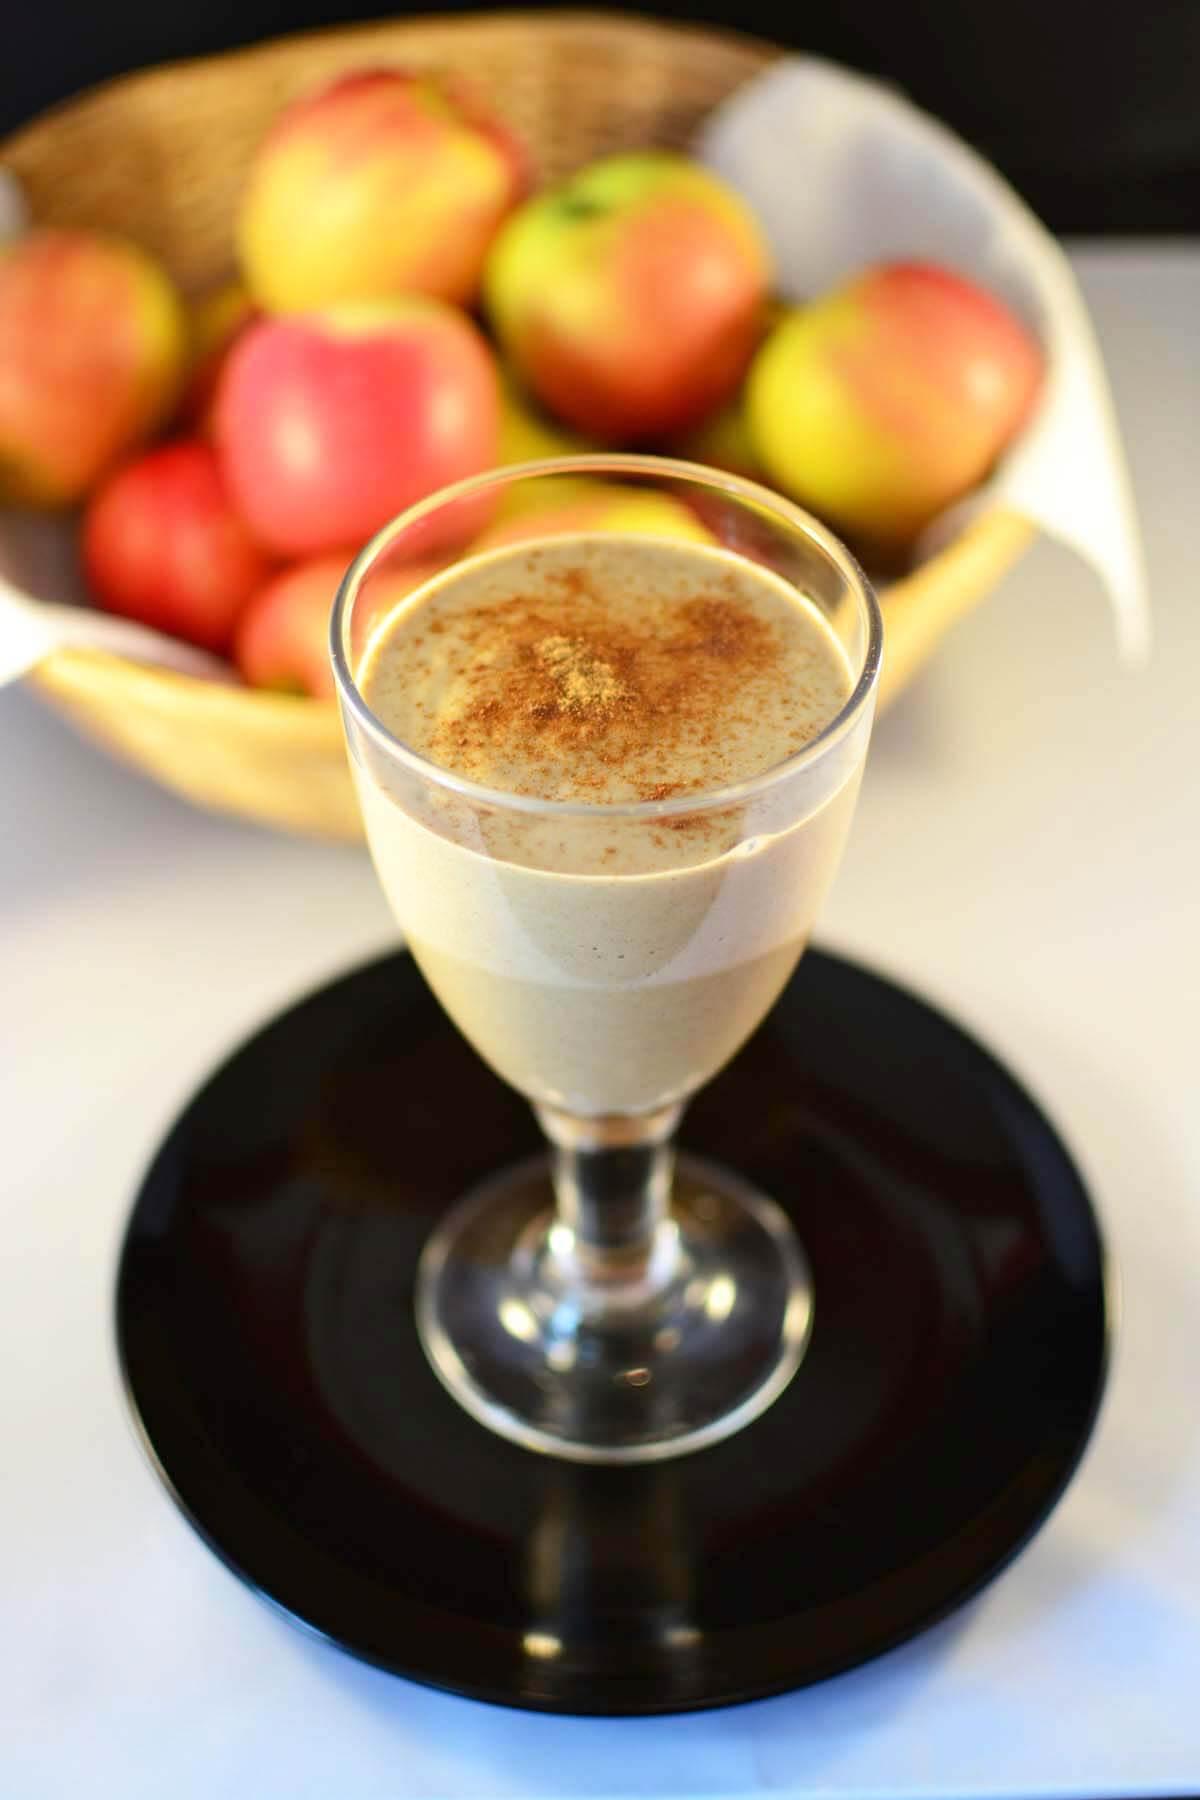 Healthy Apple Pie Dessert Thickie Smoothie